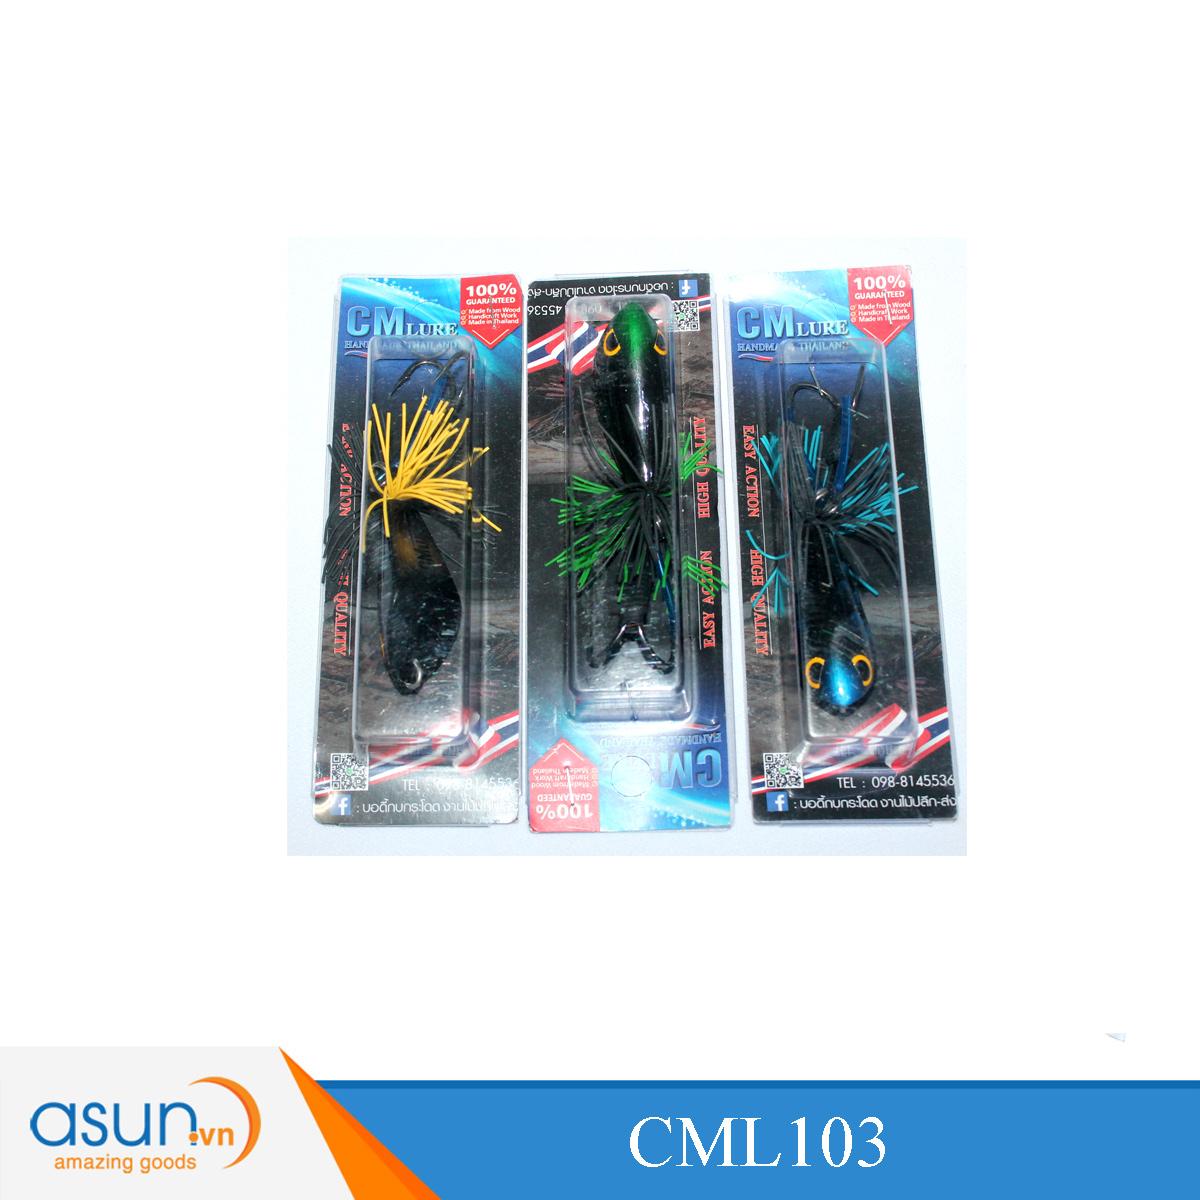 Mồi Giả Ếch Gỗ Thái Lan CM Lure 103 - Lure Lóc